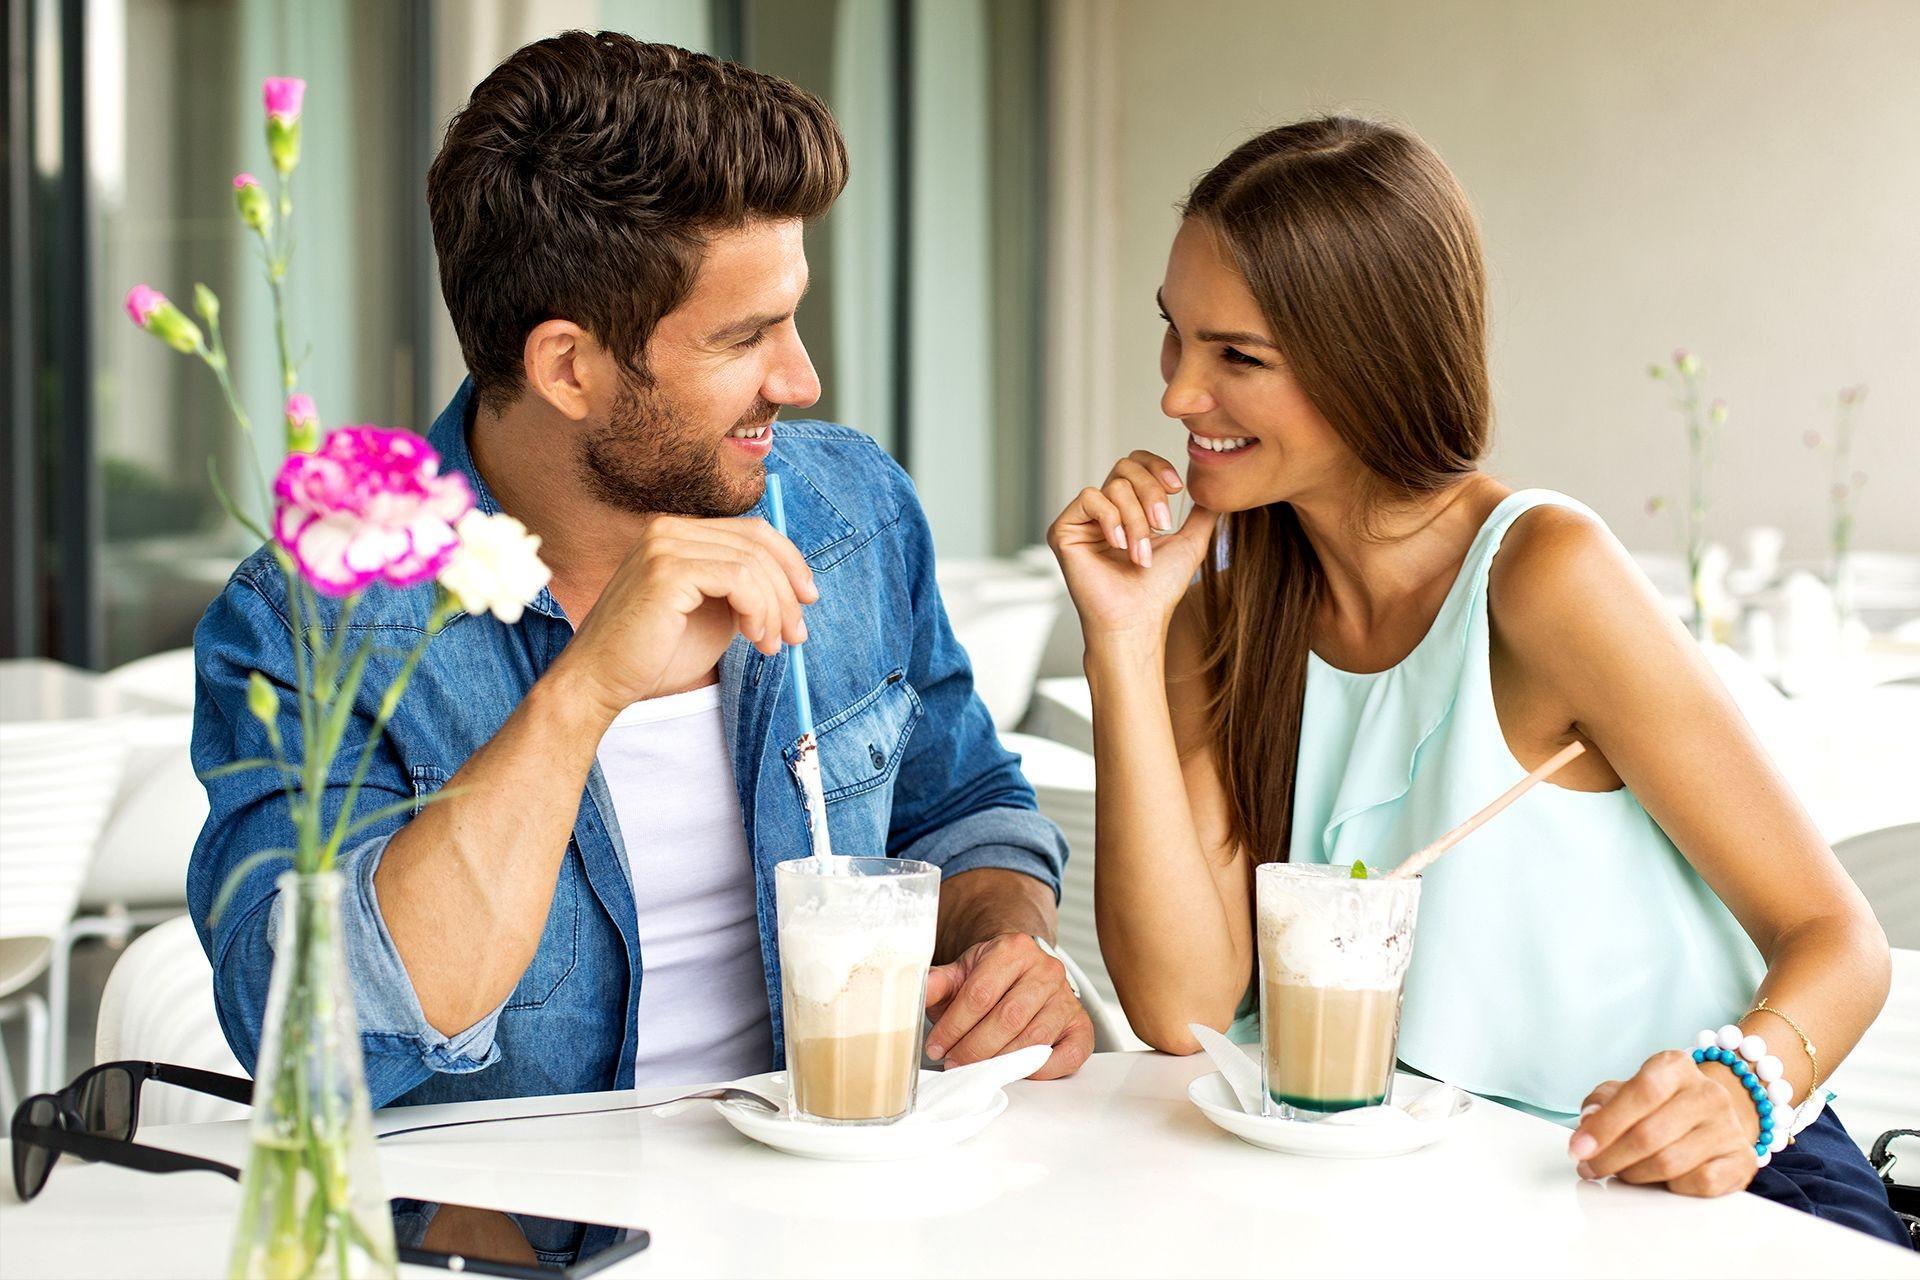 Как понять, что мужчина бабник и стоит ли строить с ним серьезные отношения